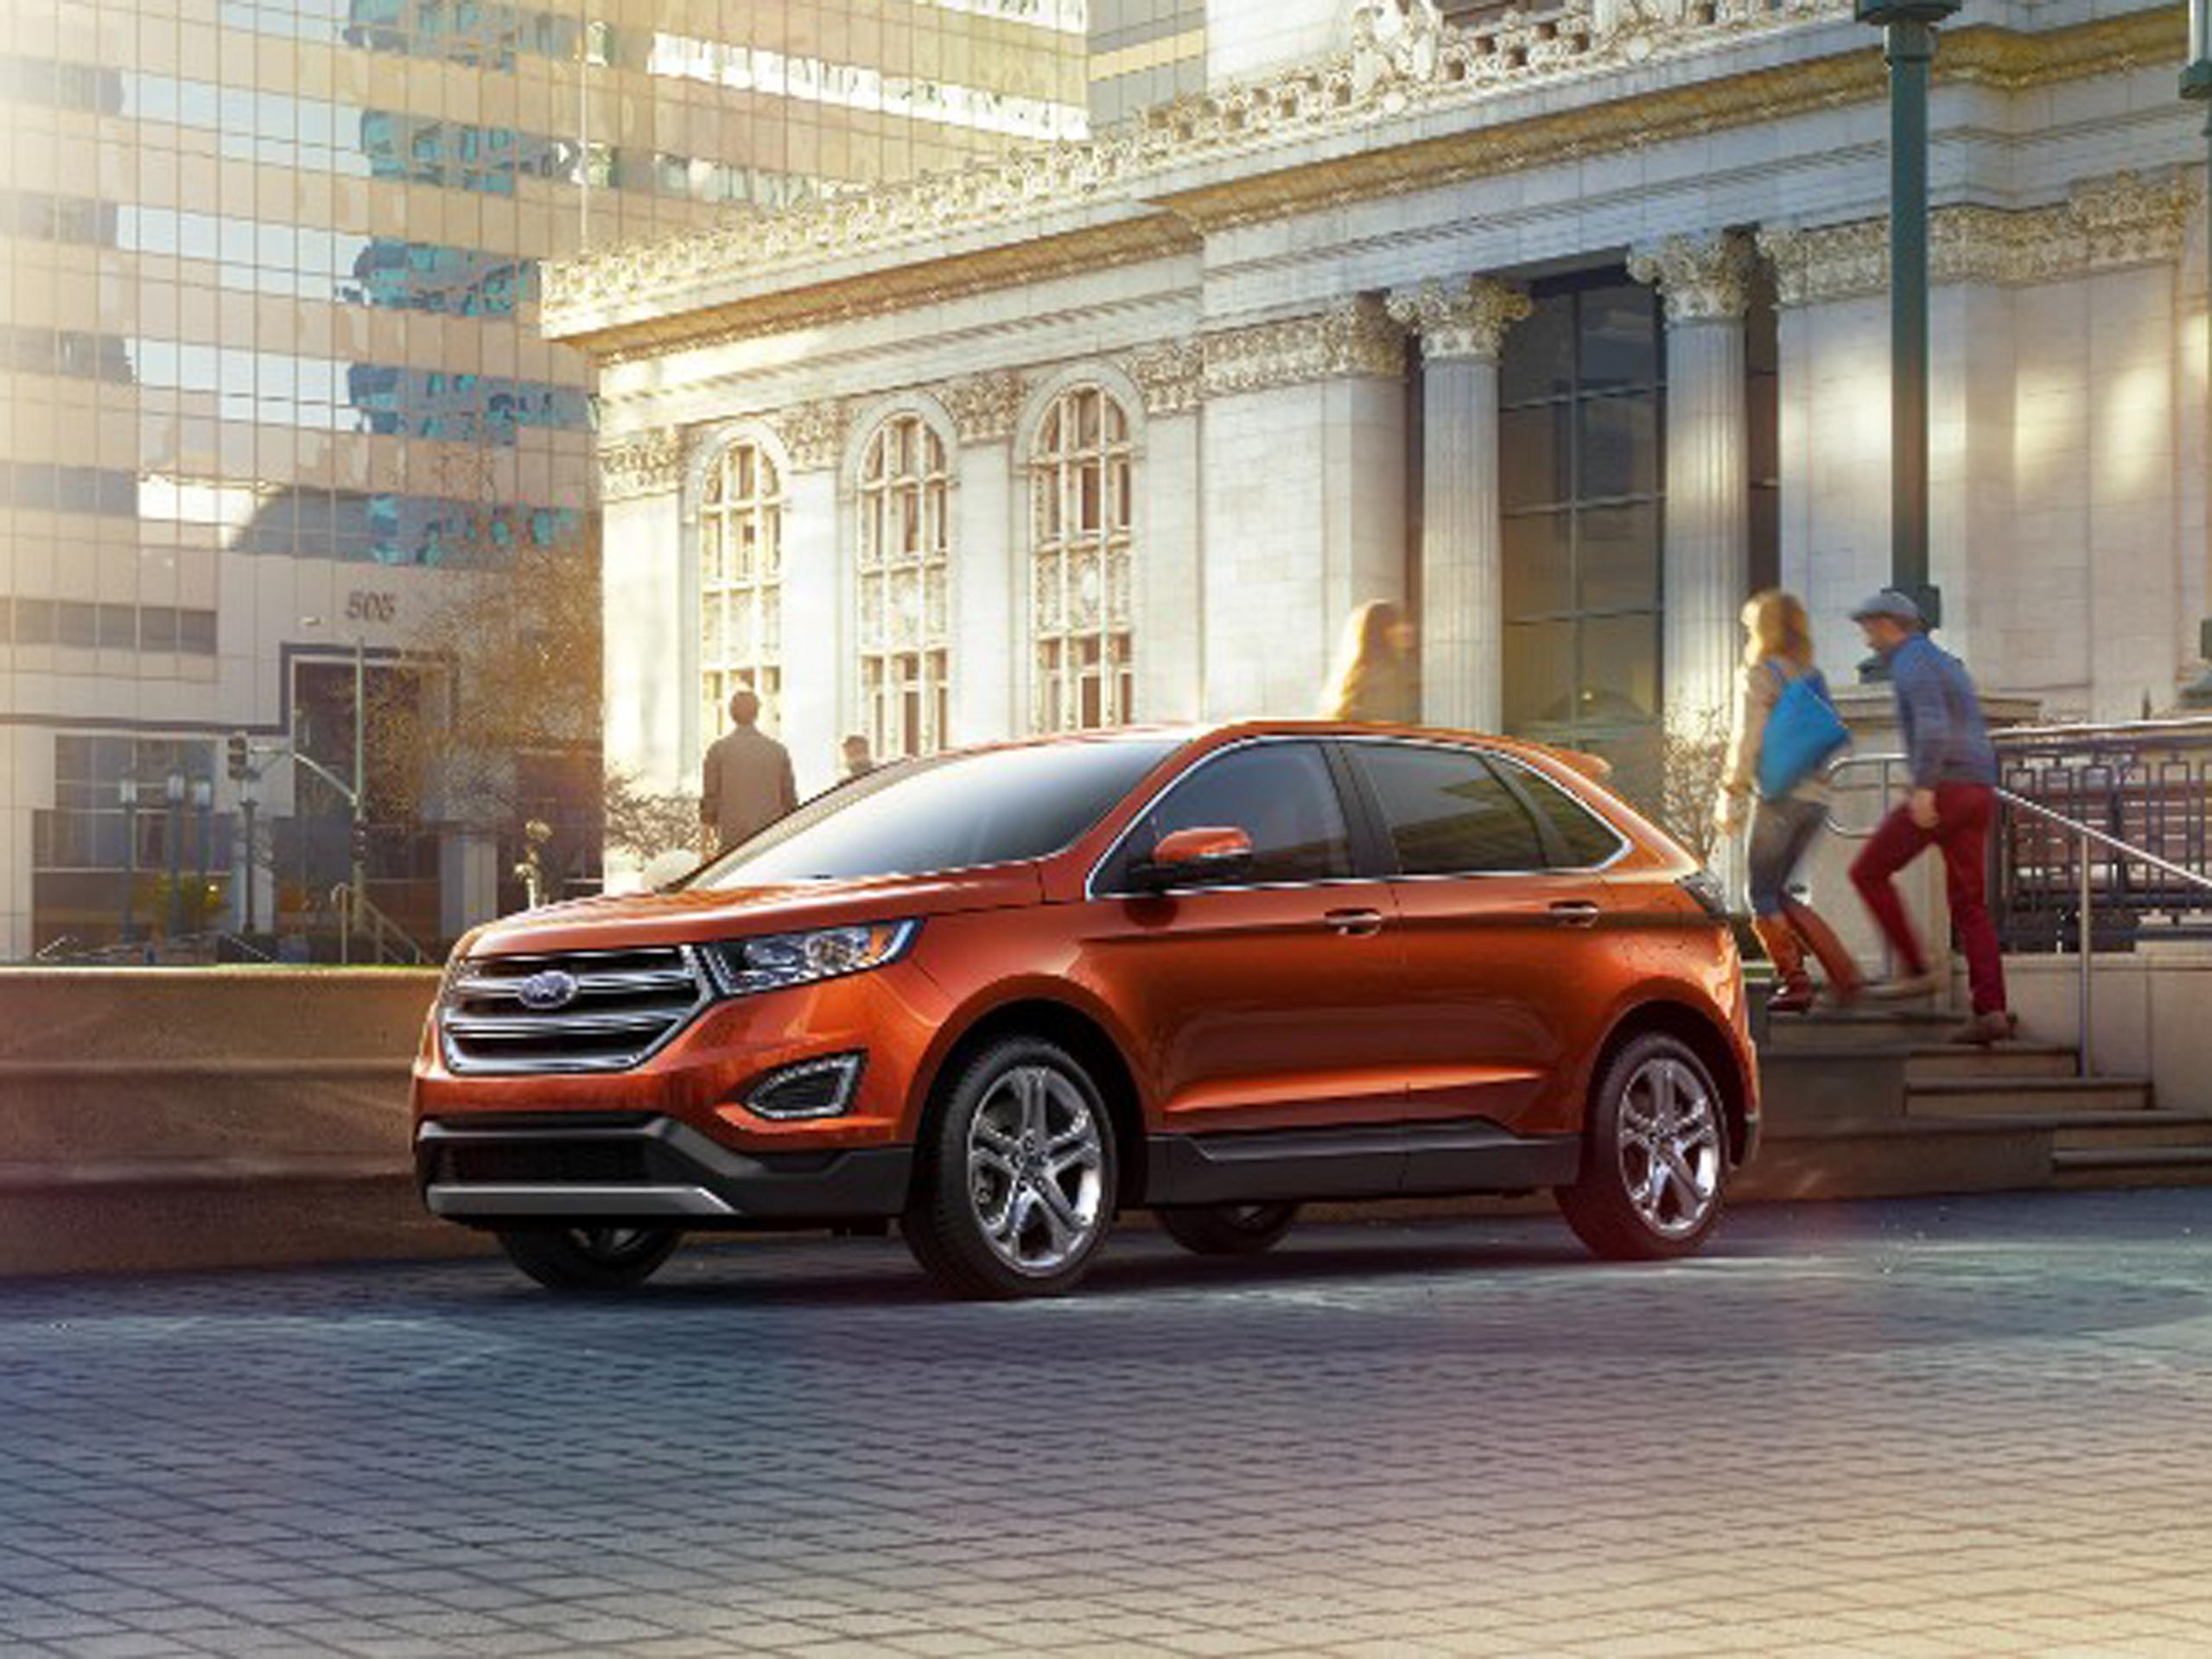 Ford Edge 2015 Markteinfuhrung Und Technische Daten